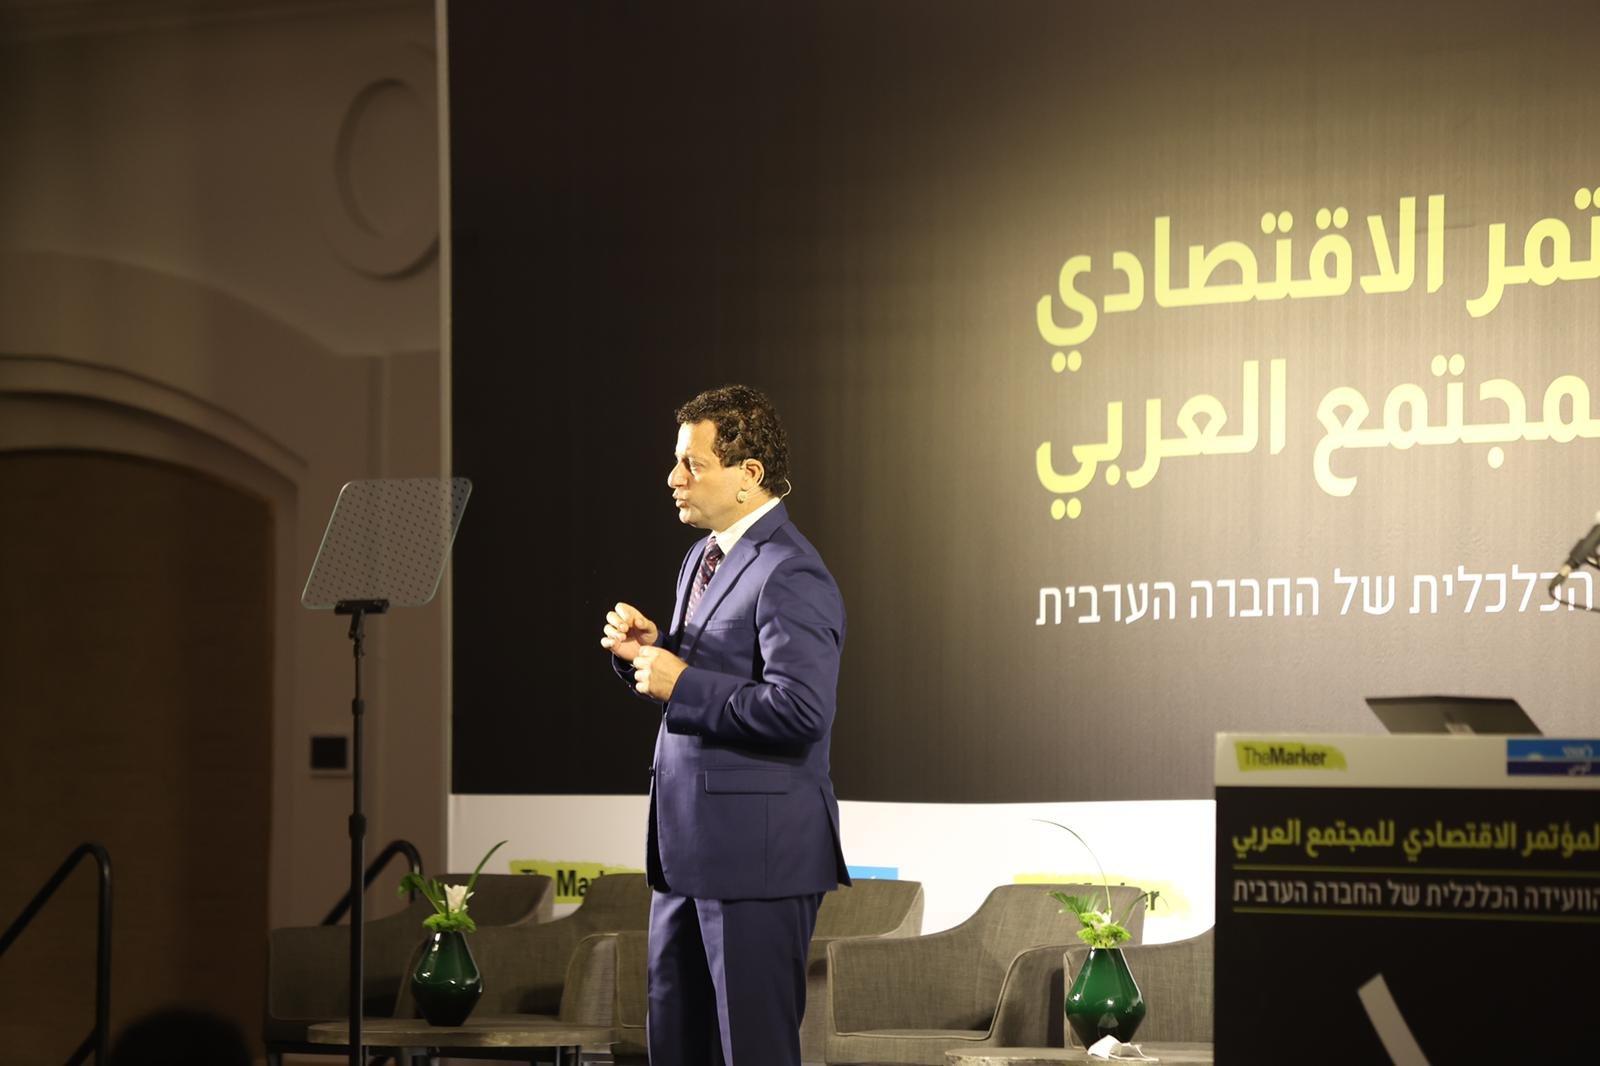 مشاركة كبيرة ومحاضرات هامة في المؤتمر الاقتصادي للمجتمع العربي بالناصرة-18